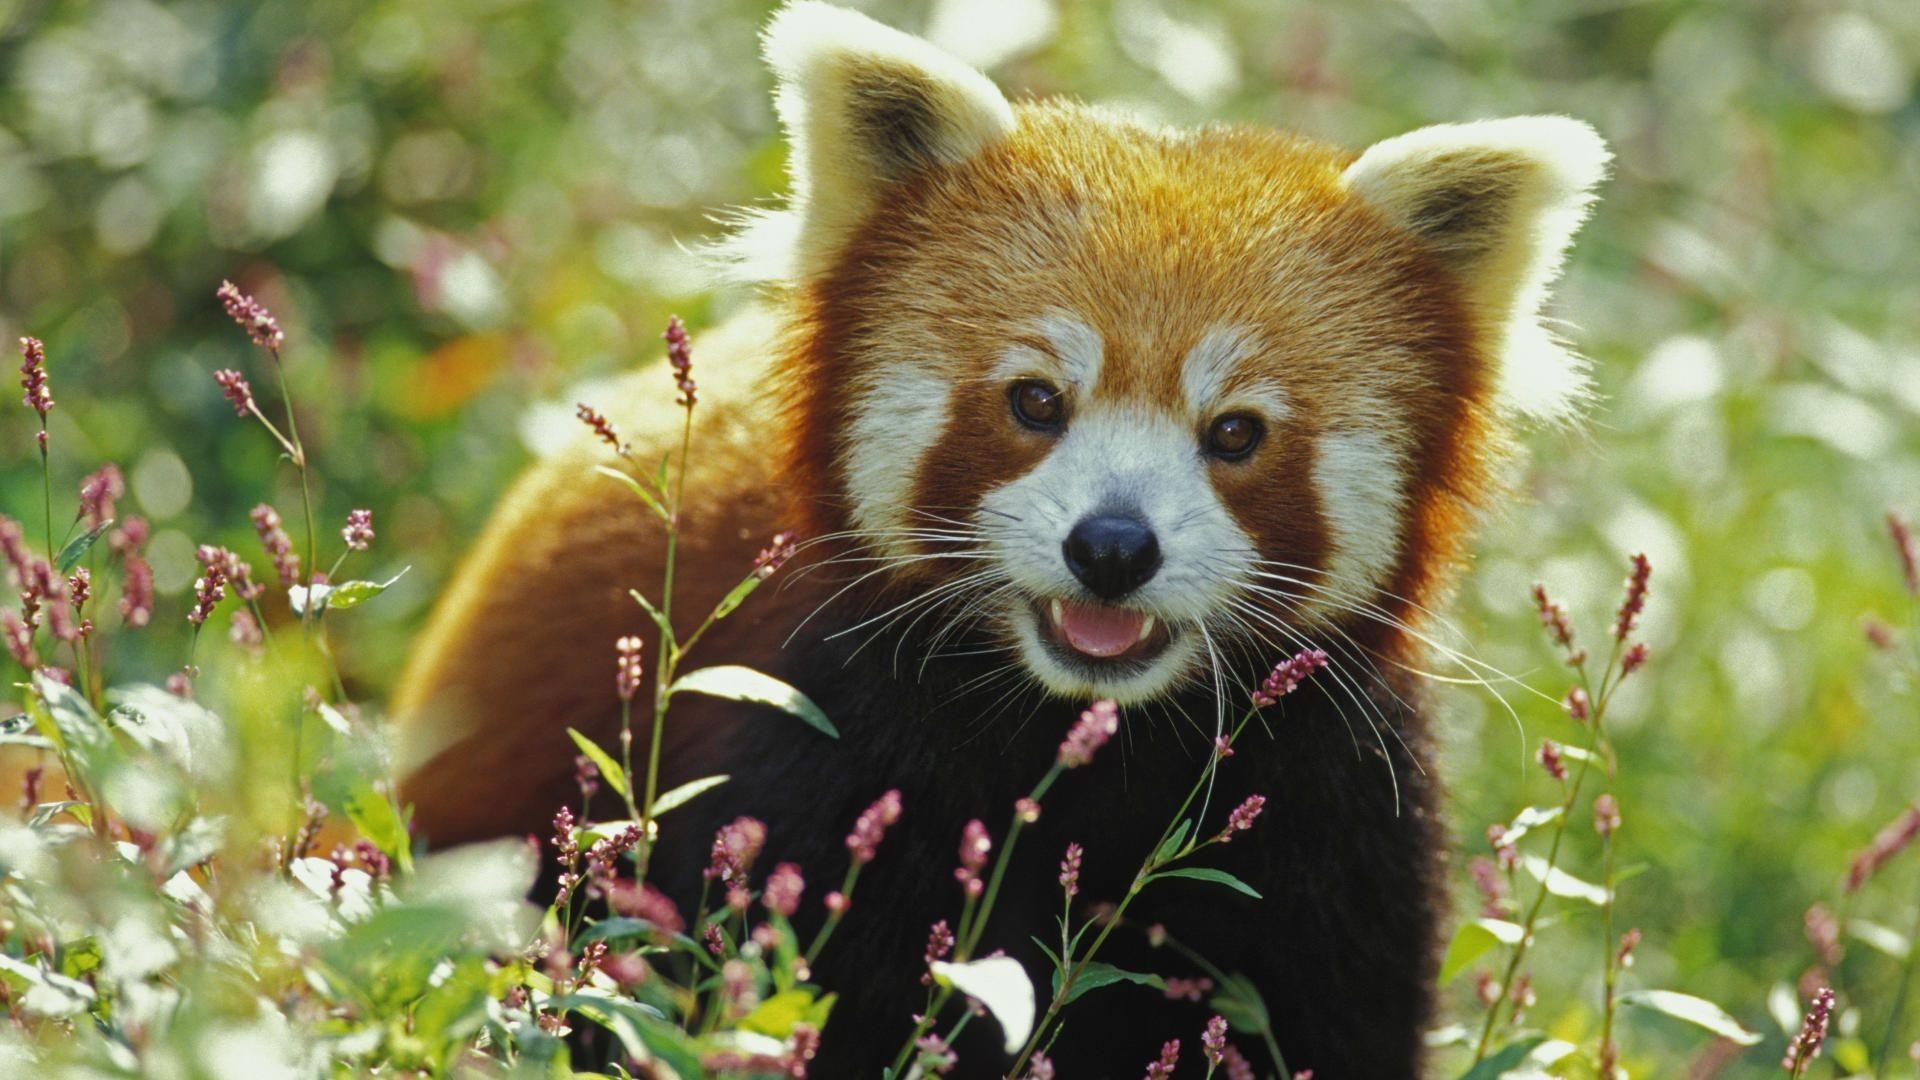 Ferret Wallpaper Iphone Cute Baby Panda Wallpaper 65 Images